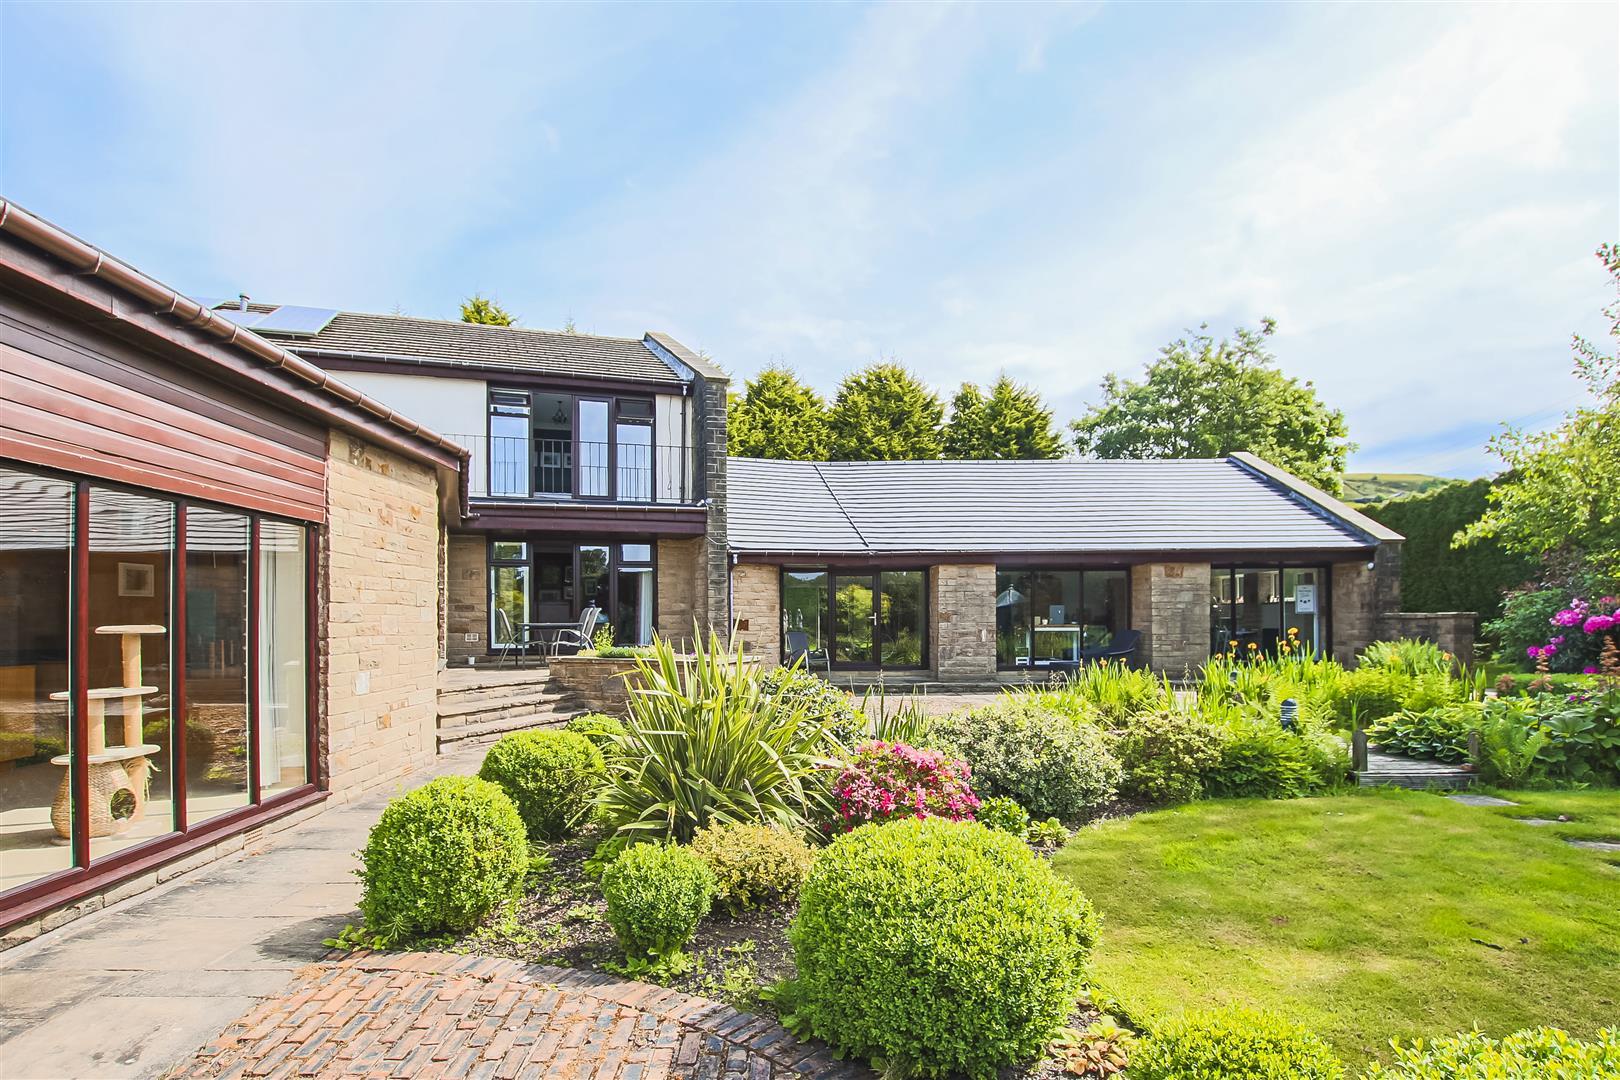 6 Bedroom Detached House For Sale - Side elevation